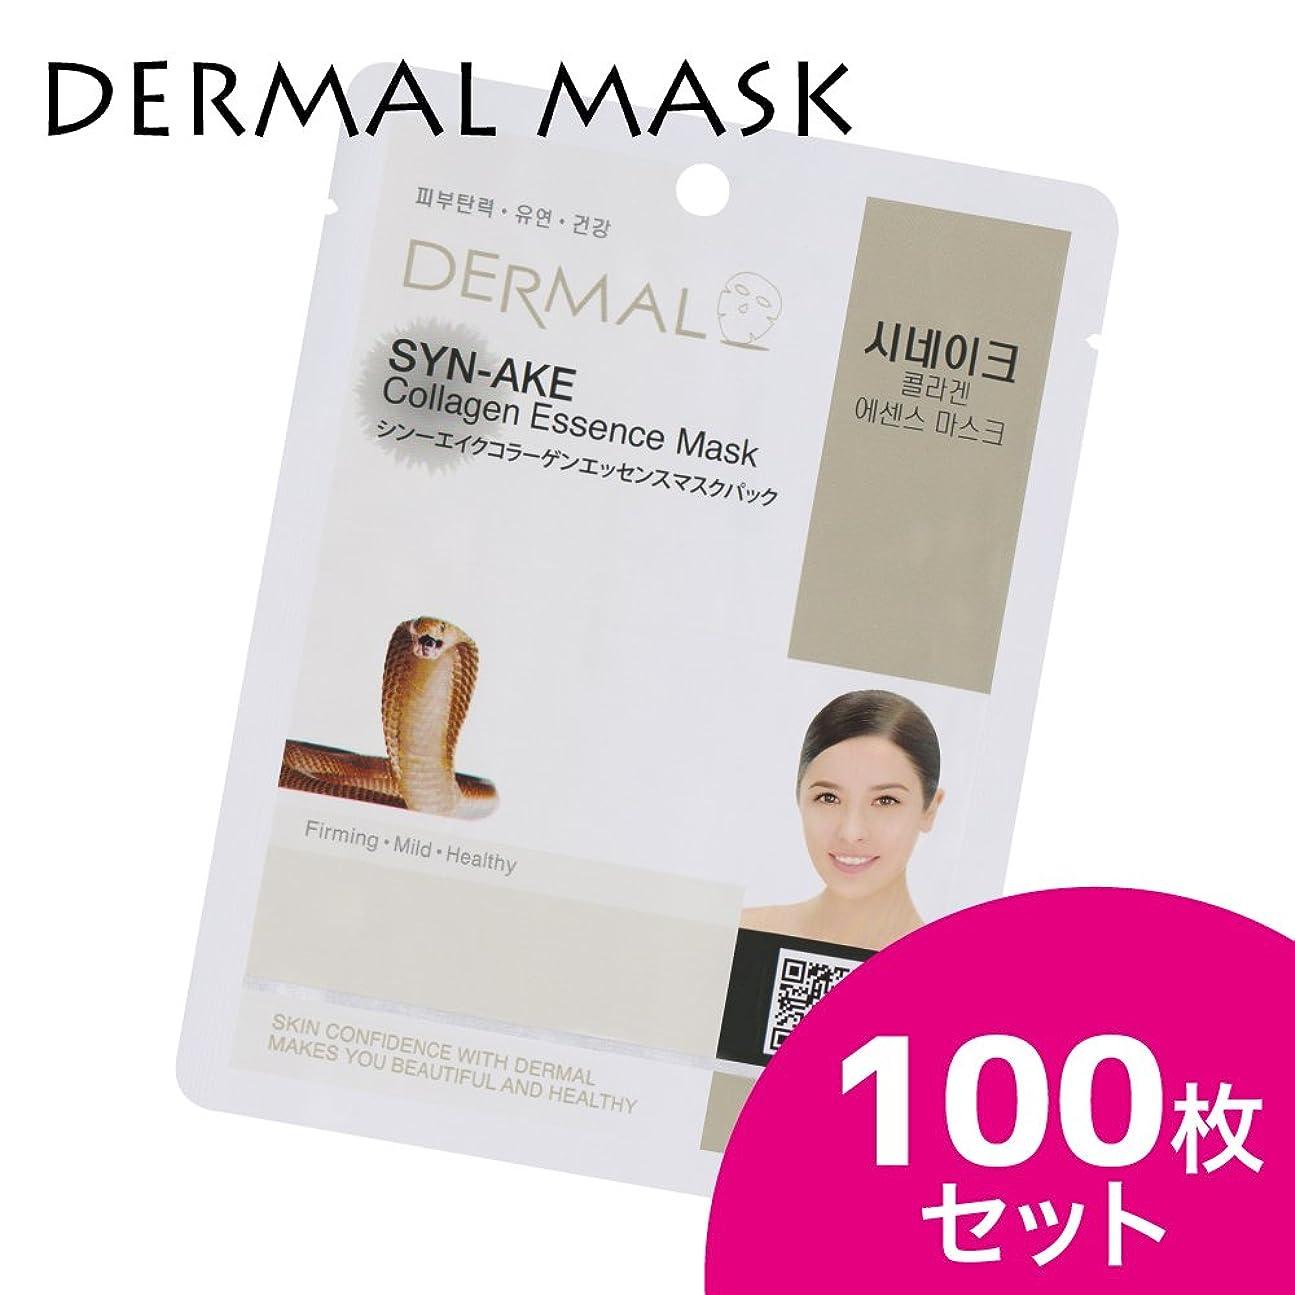 可聴美的提案するダーマルシートマスク 100枚 Dermal エッセンスマスク シン-エィク 蛇毒